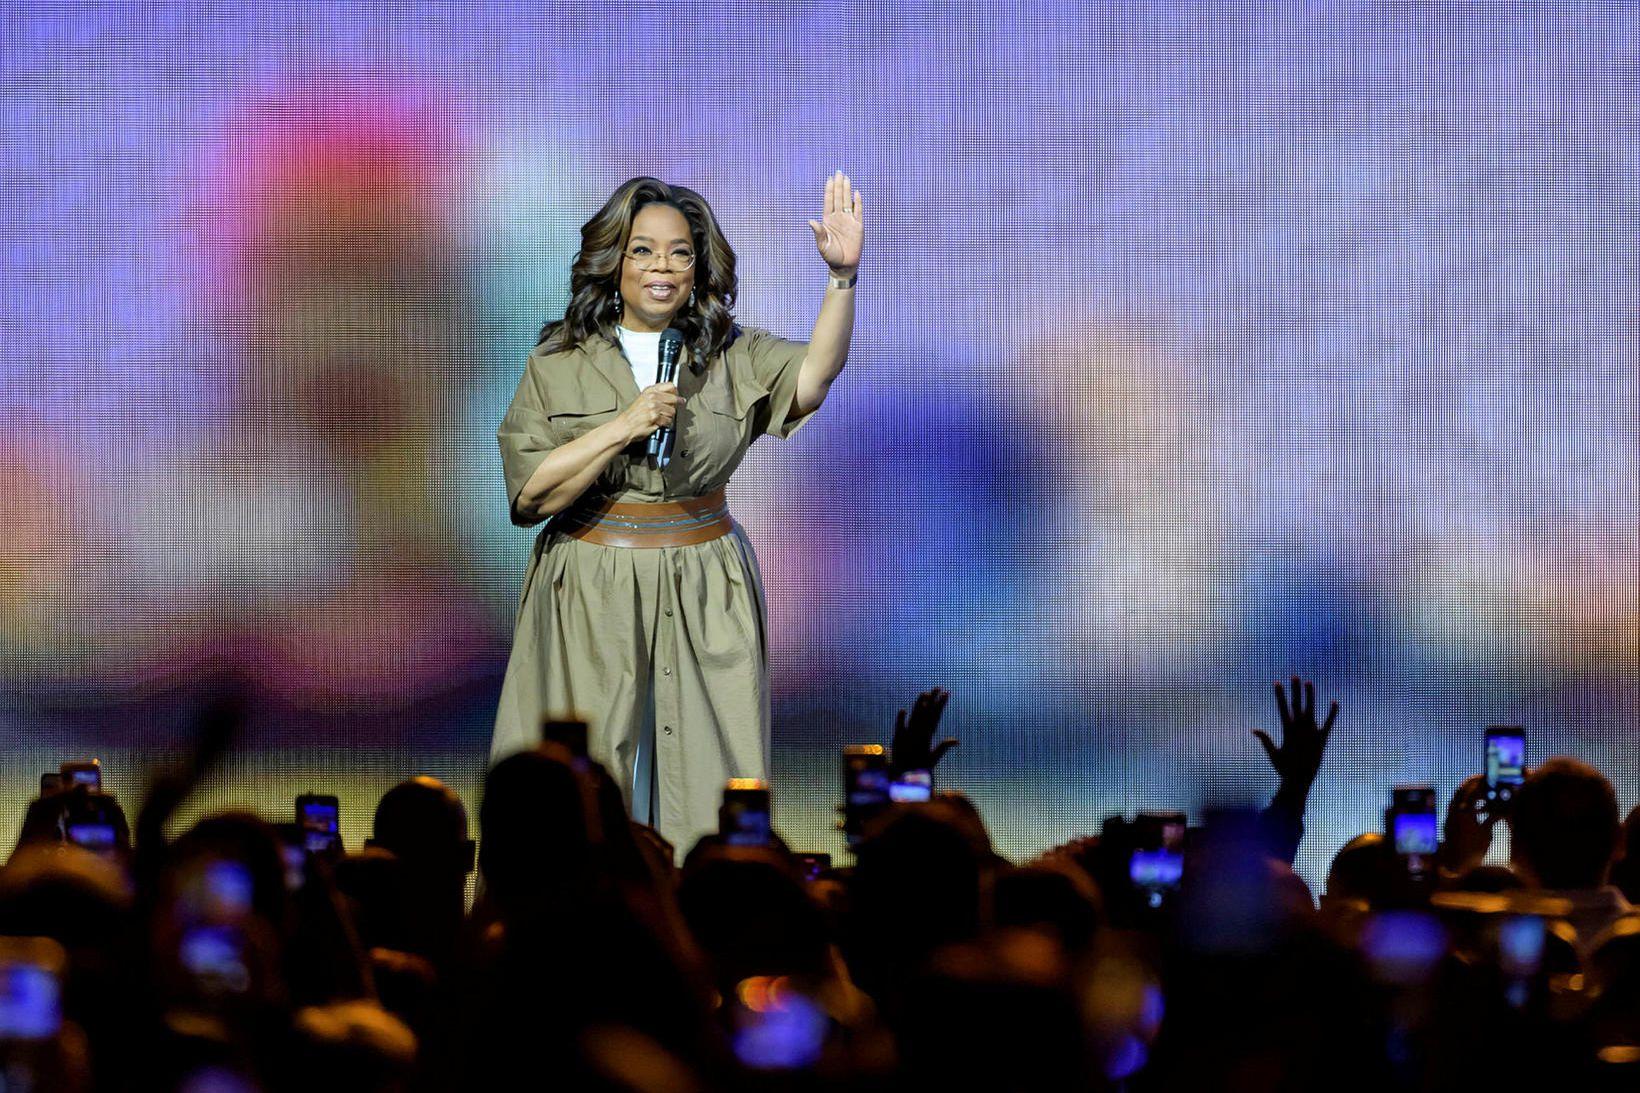 Oprah Winfrey segir ekkert til í þeim sögusögnum að hún …